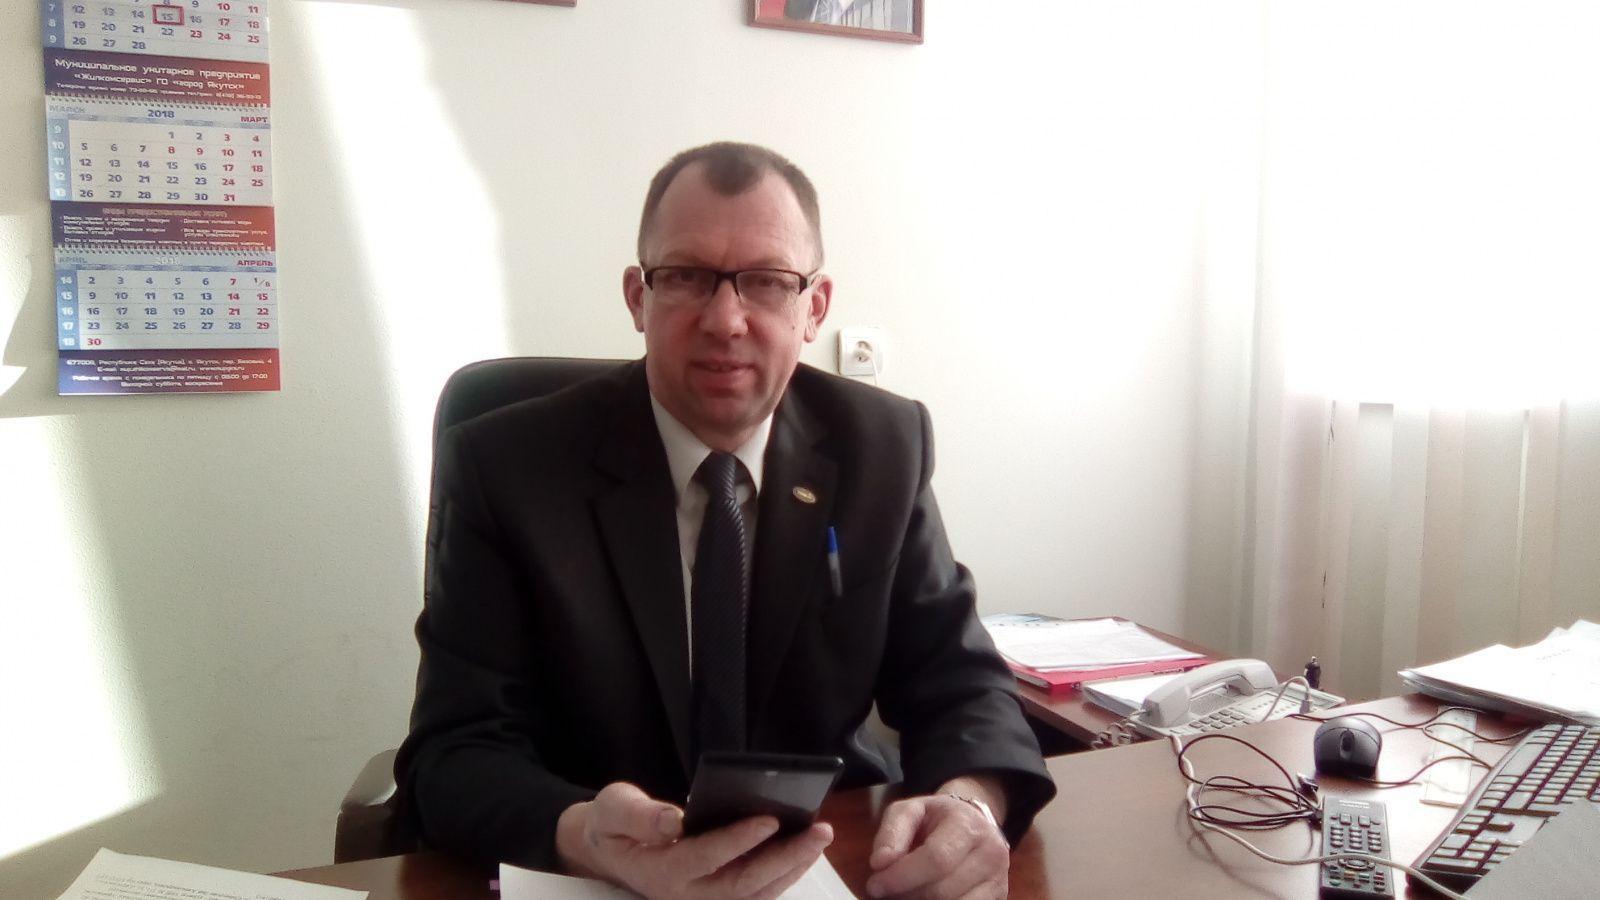 Олег ХЛЕБНИКОВ: «Я разговариваю спокойно, но с нажимом»